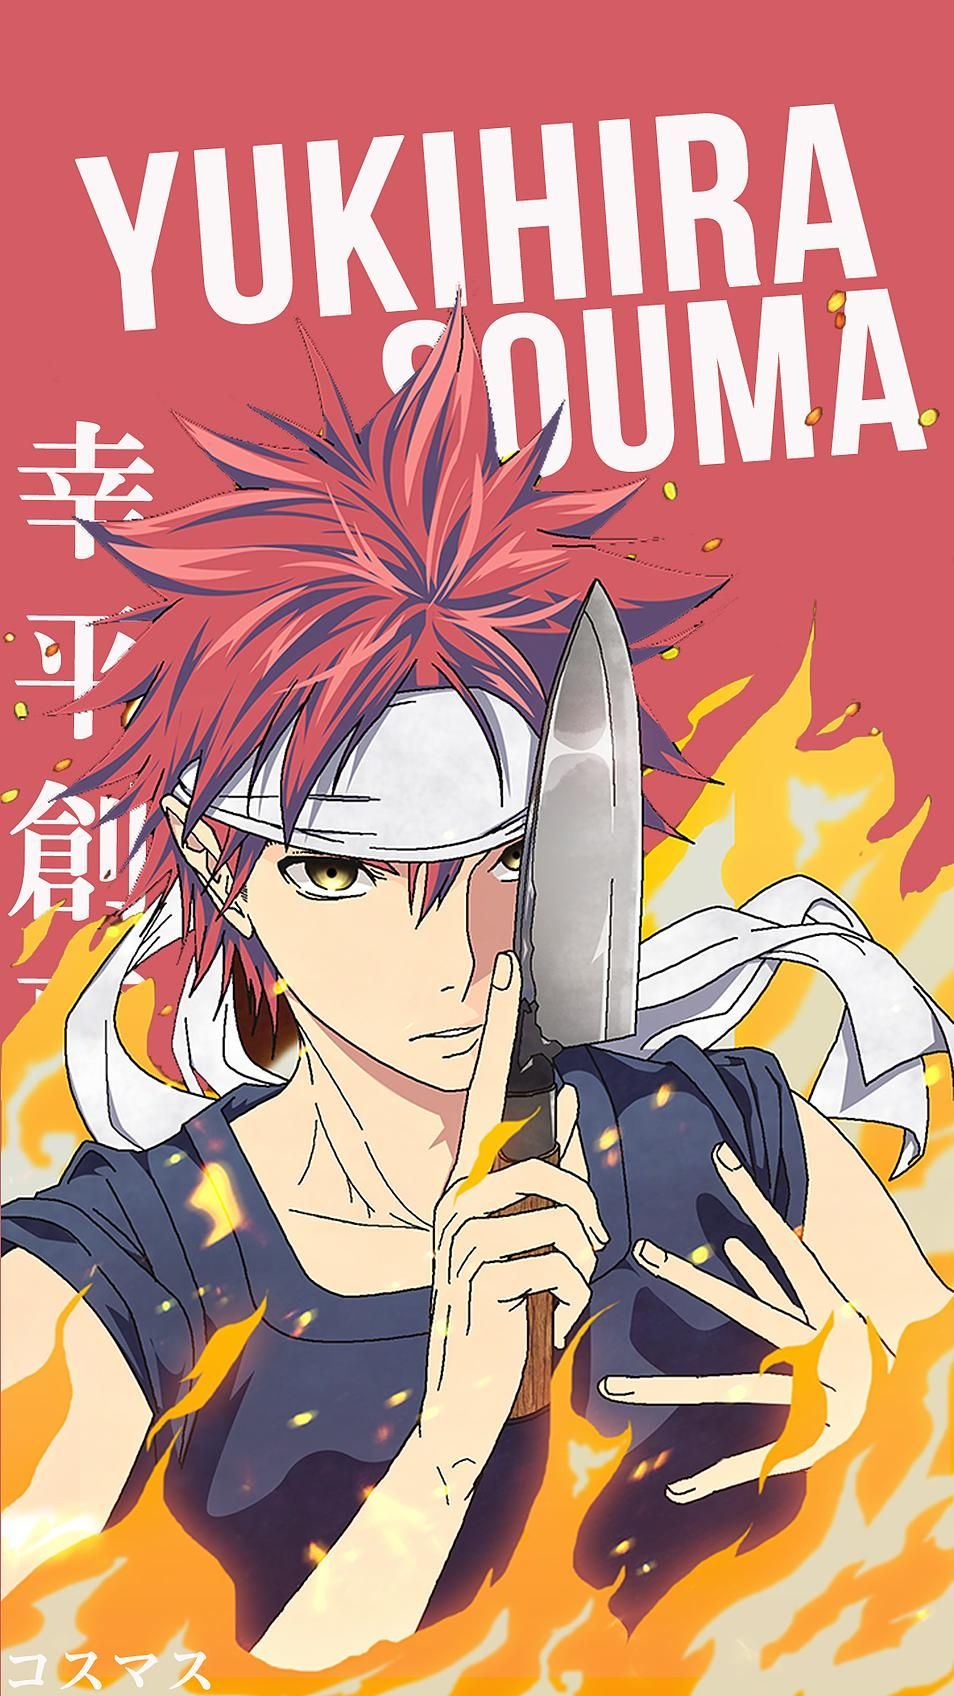 Yukihira souma korigengi wallpaper anime